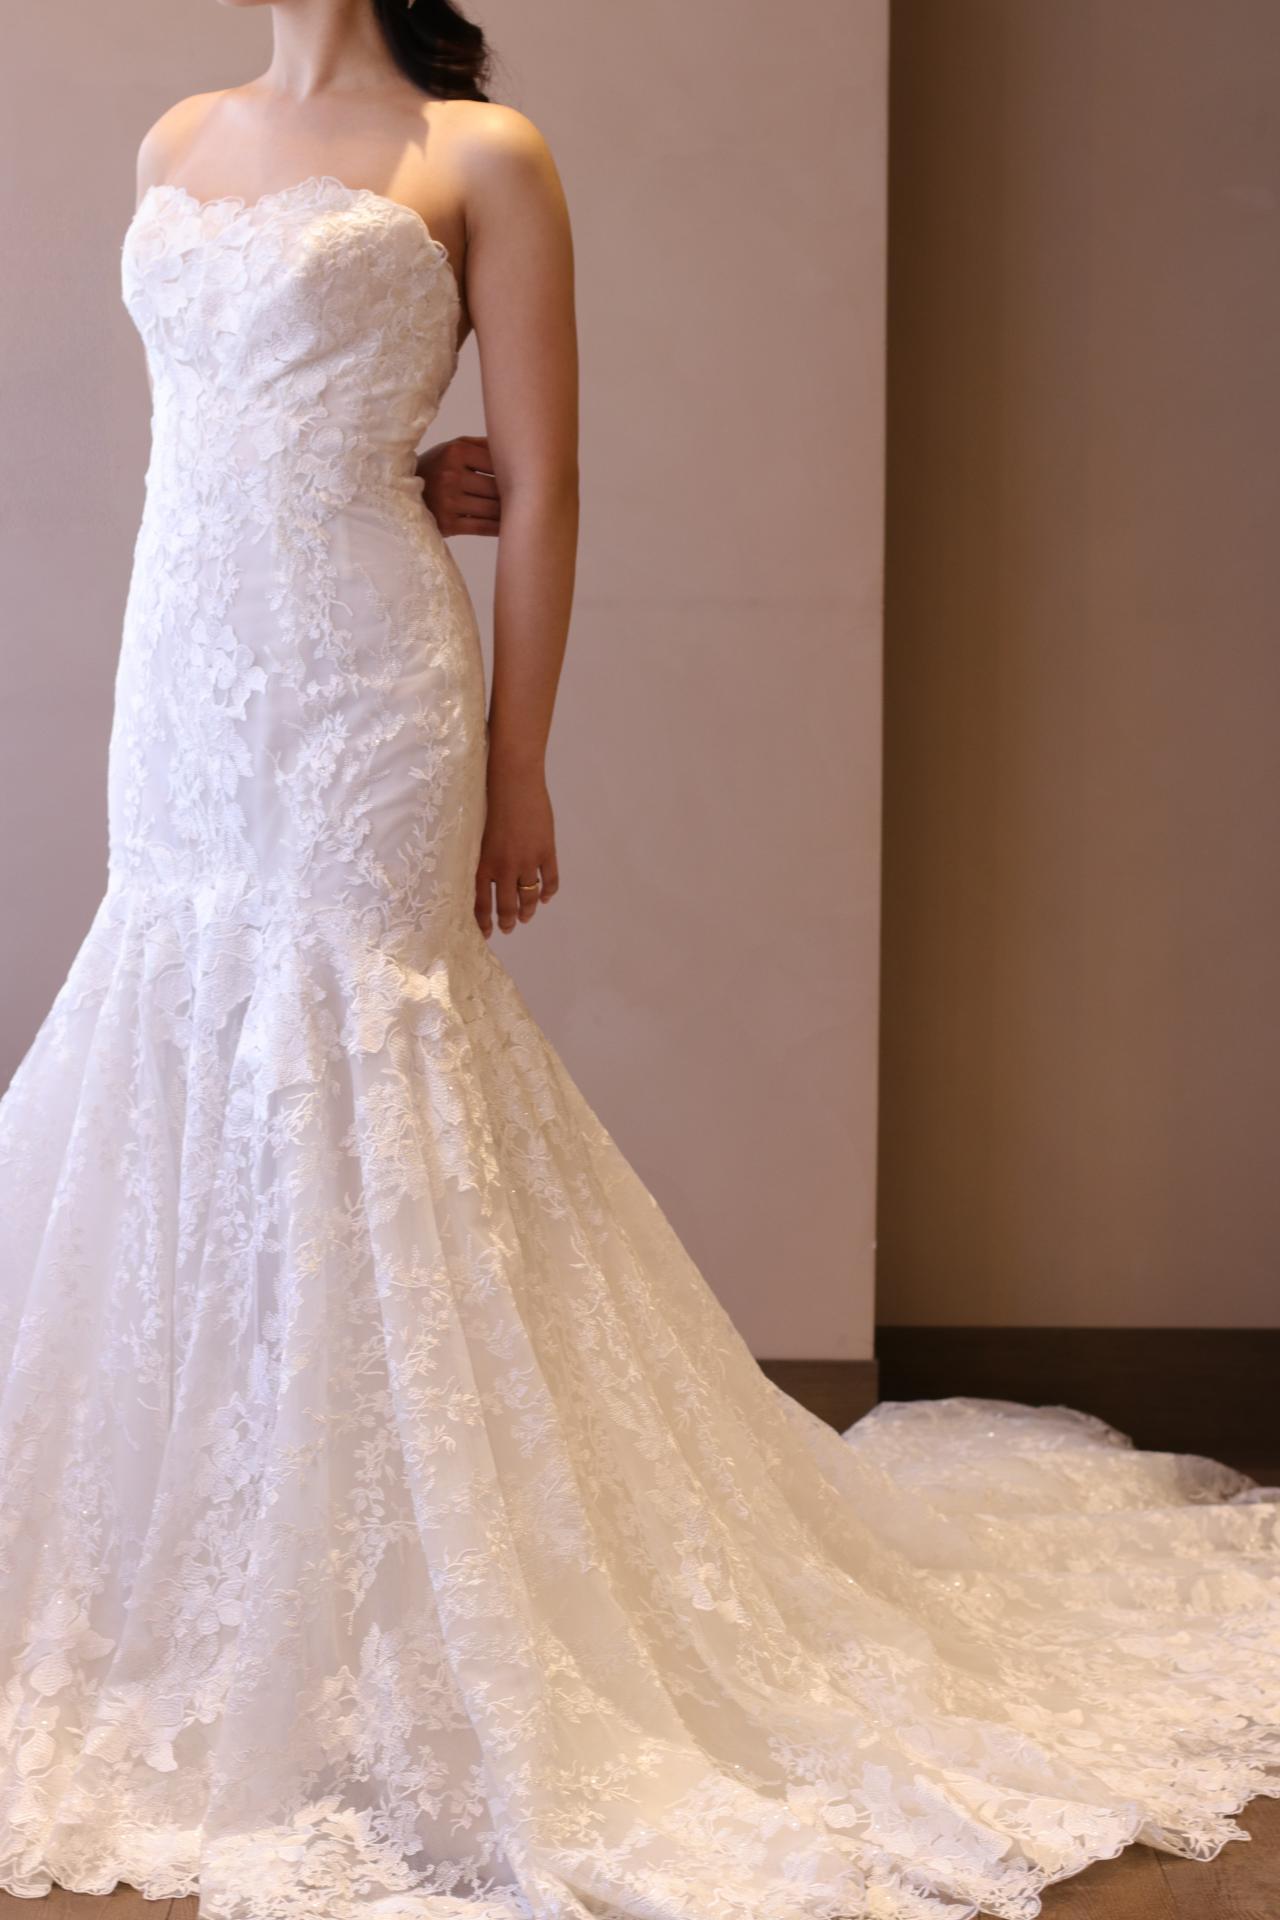 ブリスモニークルイリエのマーメイドラインのウェディングドレスは、総レースのフラワーモチーフが女性らしく、お胸元の高さも安心感がある為、日本人の花嫁にも愛されるデザインです